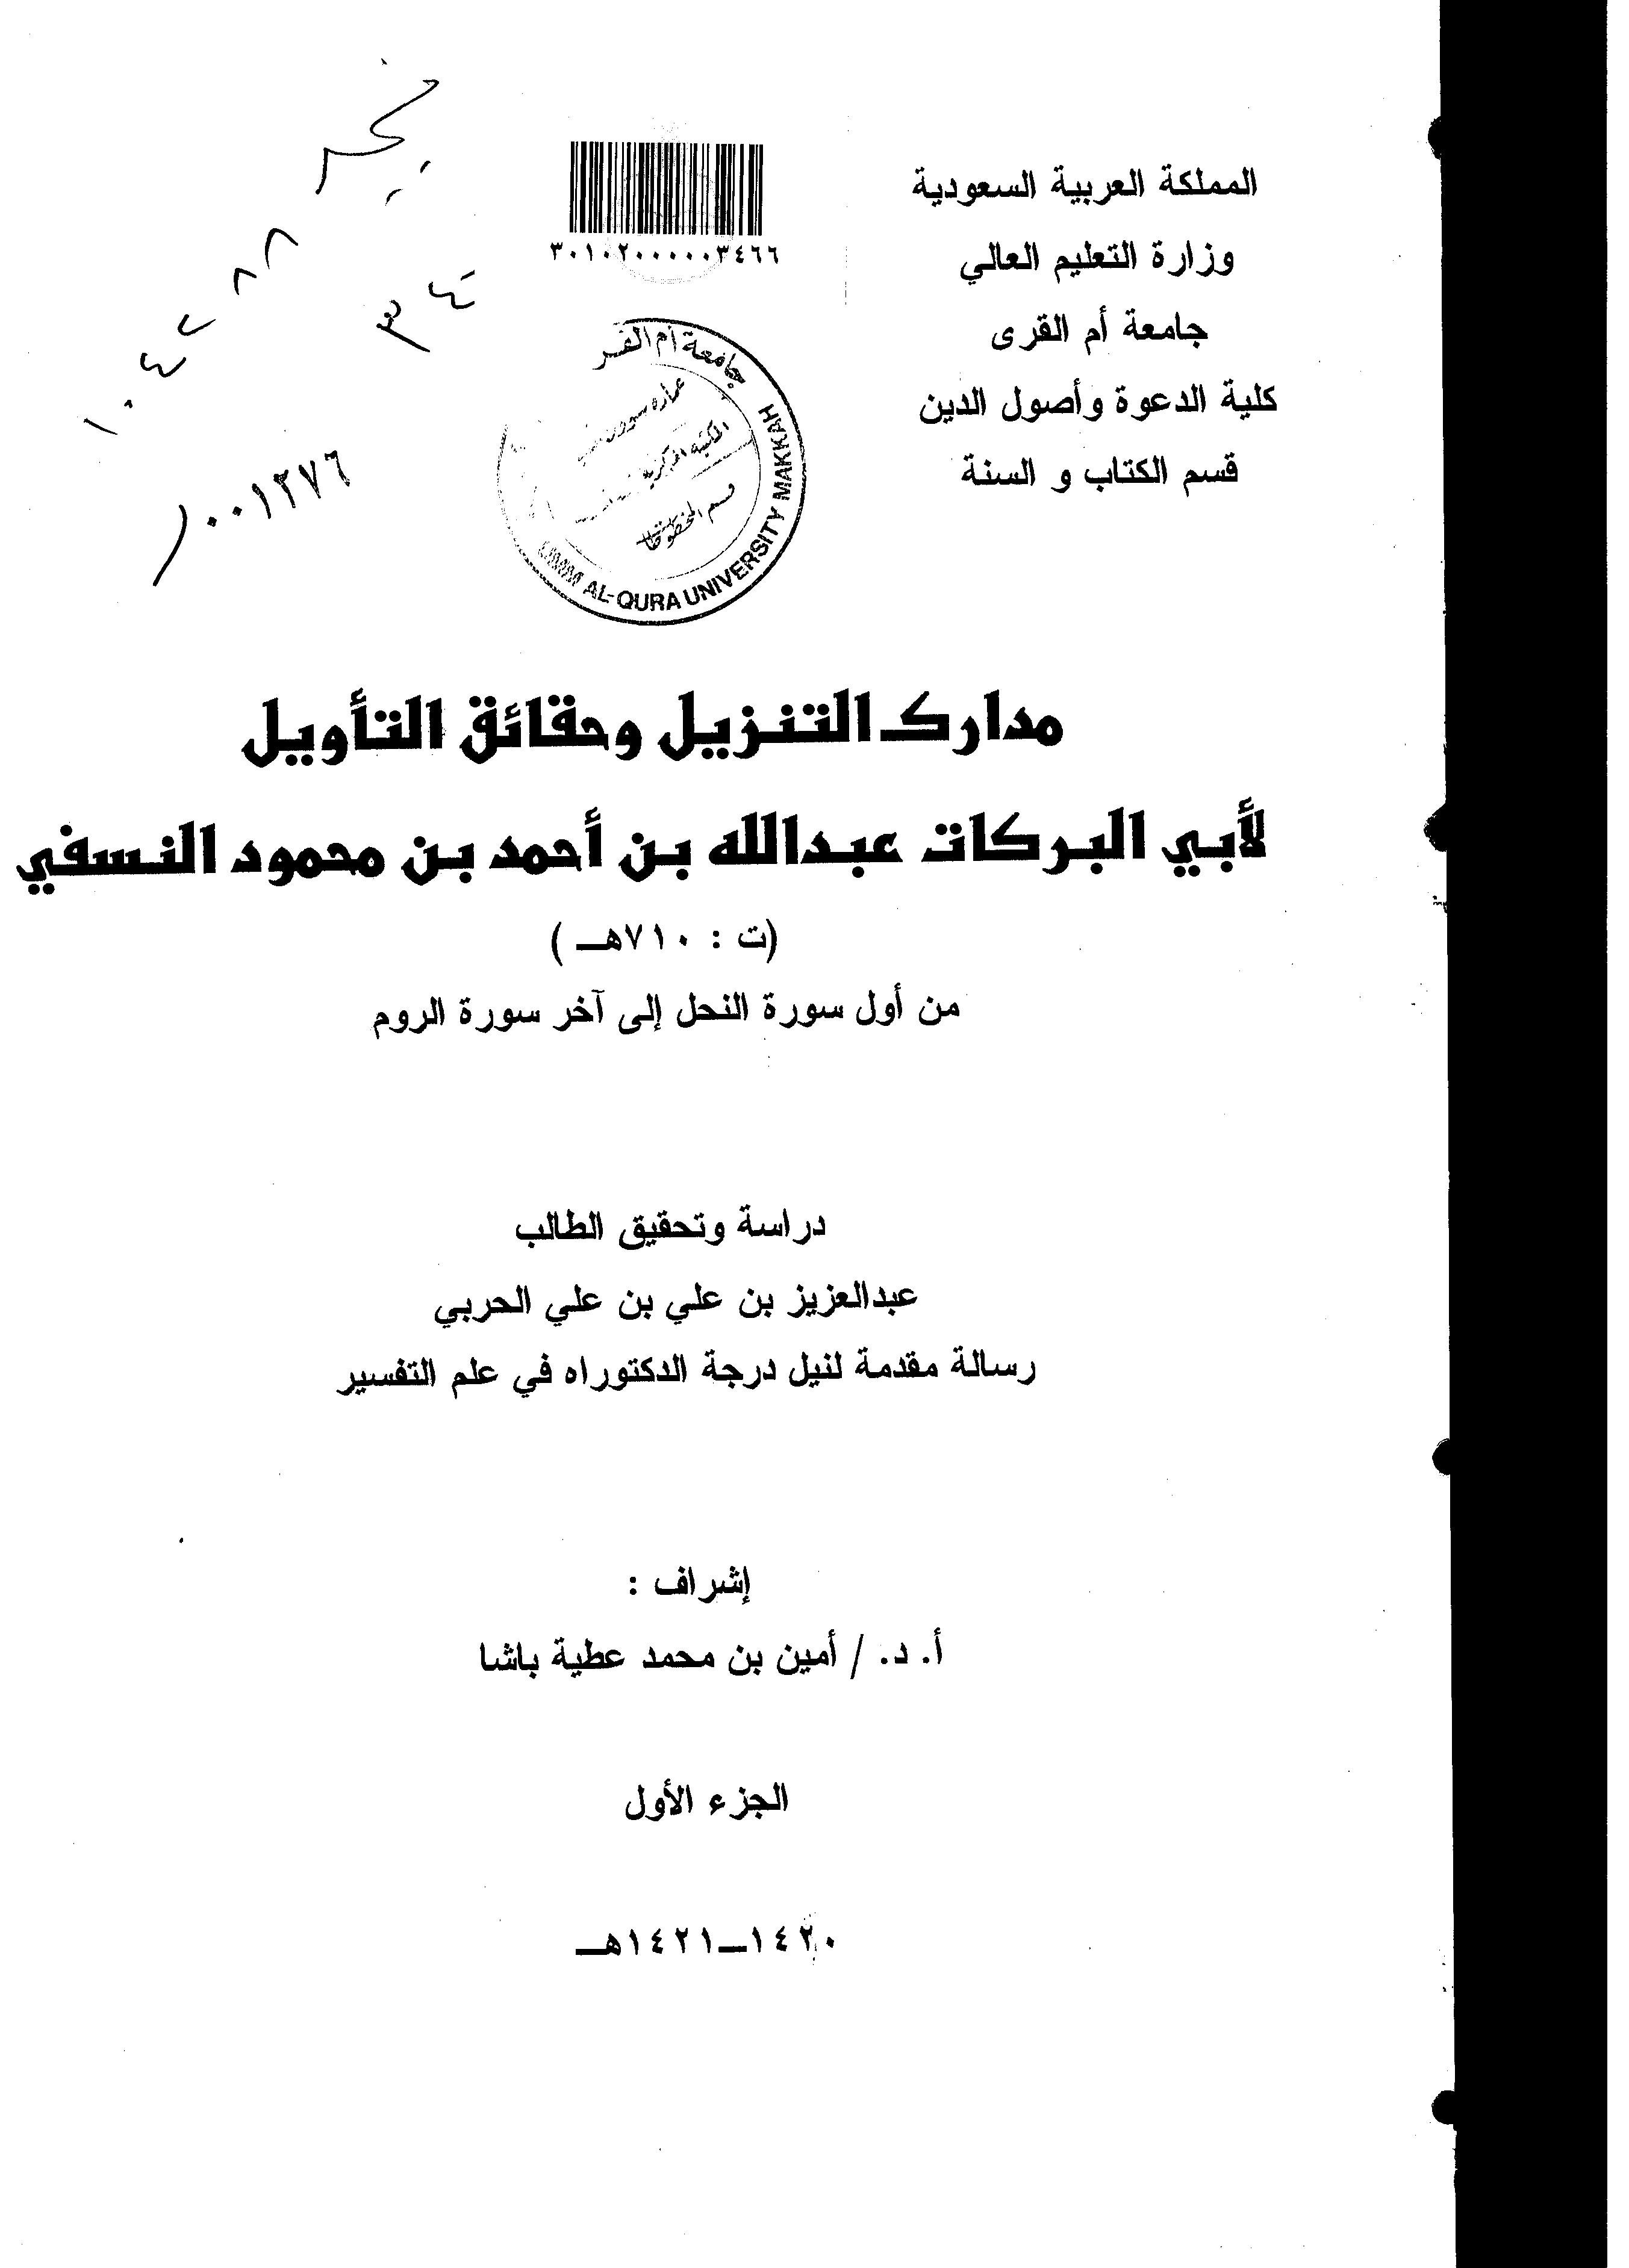 تحميل كتاب مدارك التنزيل وحقائق التأويل (من أول سورة النحل إلى آخر سورة الروم) لـِ: الإمام أبو البركات عبد الله بن أحمد بن محمود، حافظ الدين النسفي (ت 710)